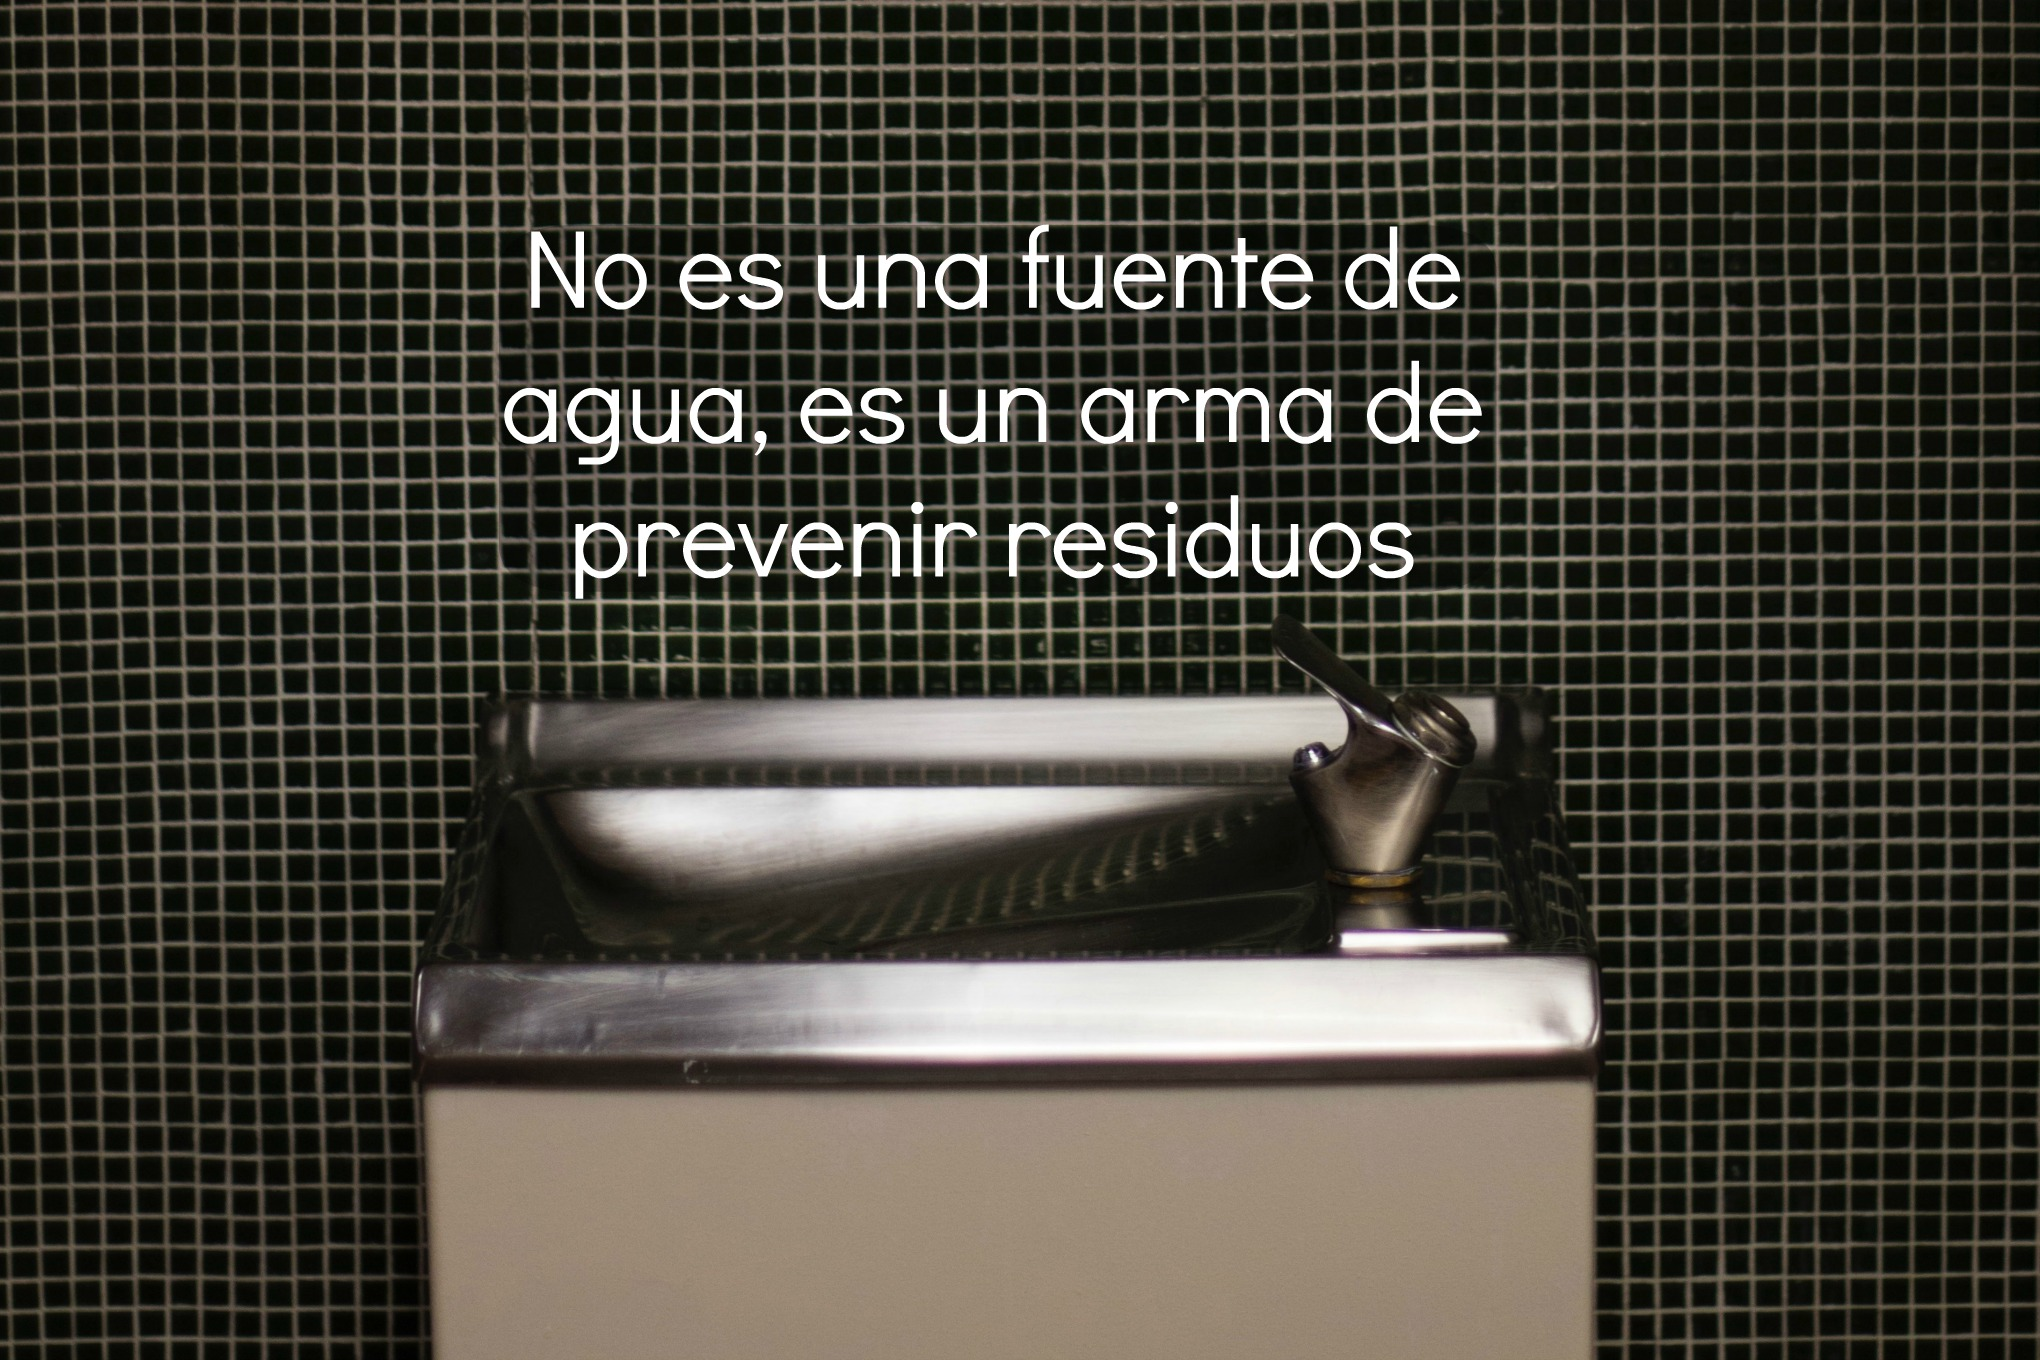 prevenir residuos fuente de agua